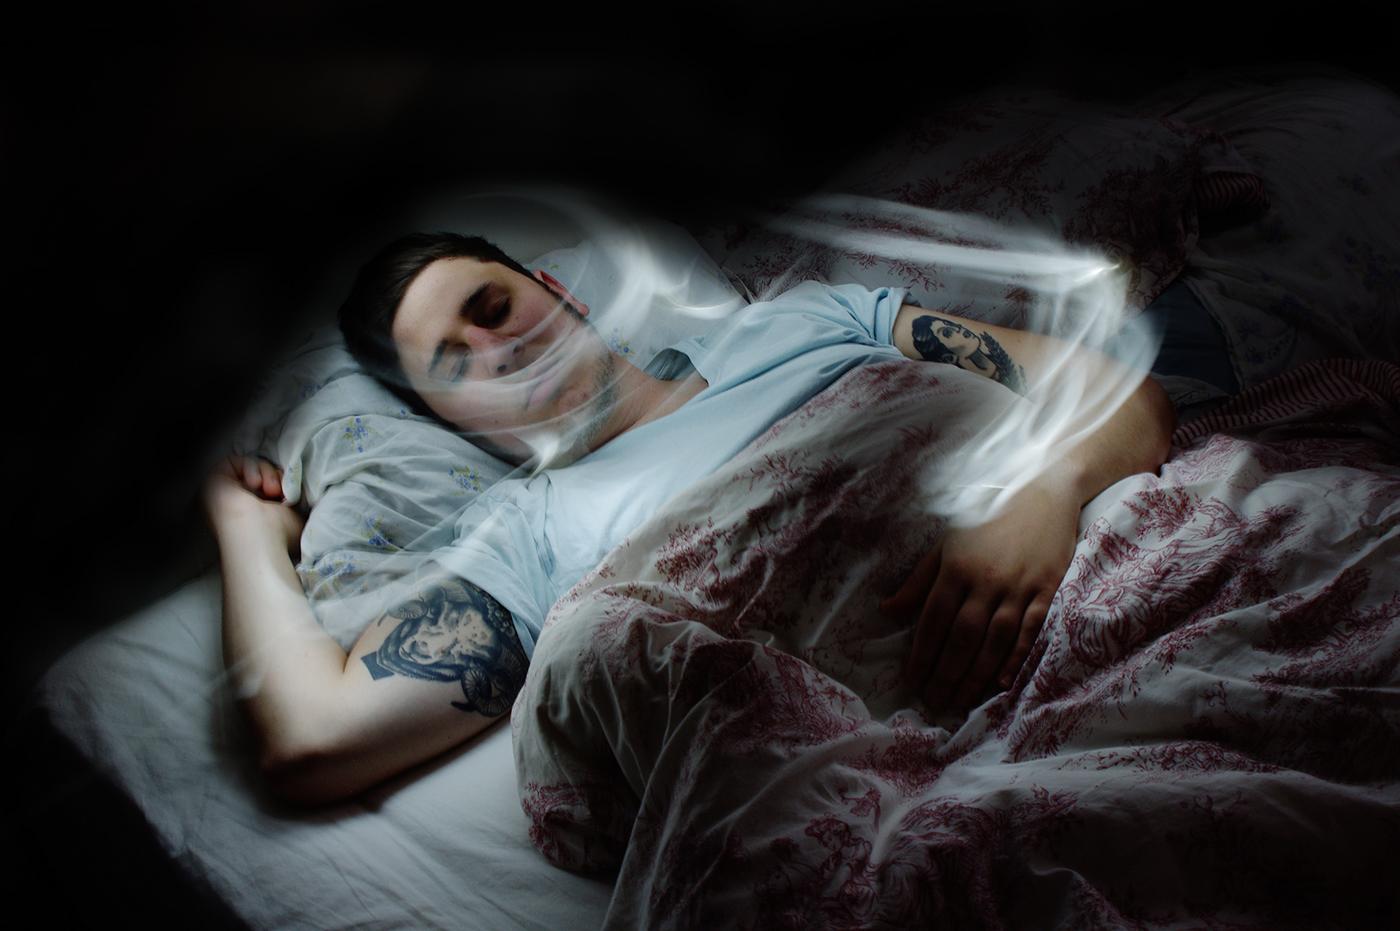 Страха во сне смотреть, порно жесткое сотов